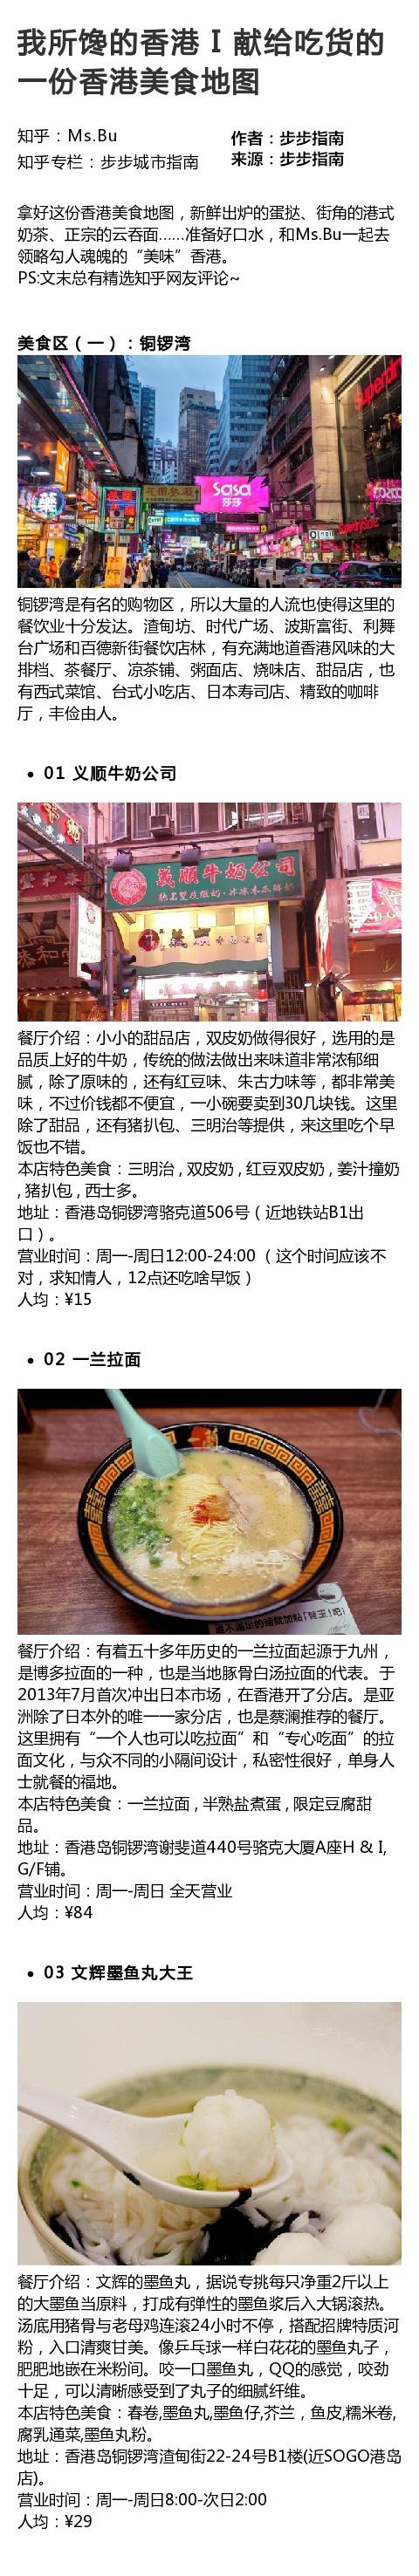 我所馋的香港 I 献给吃货的一份香港美食地图